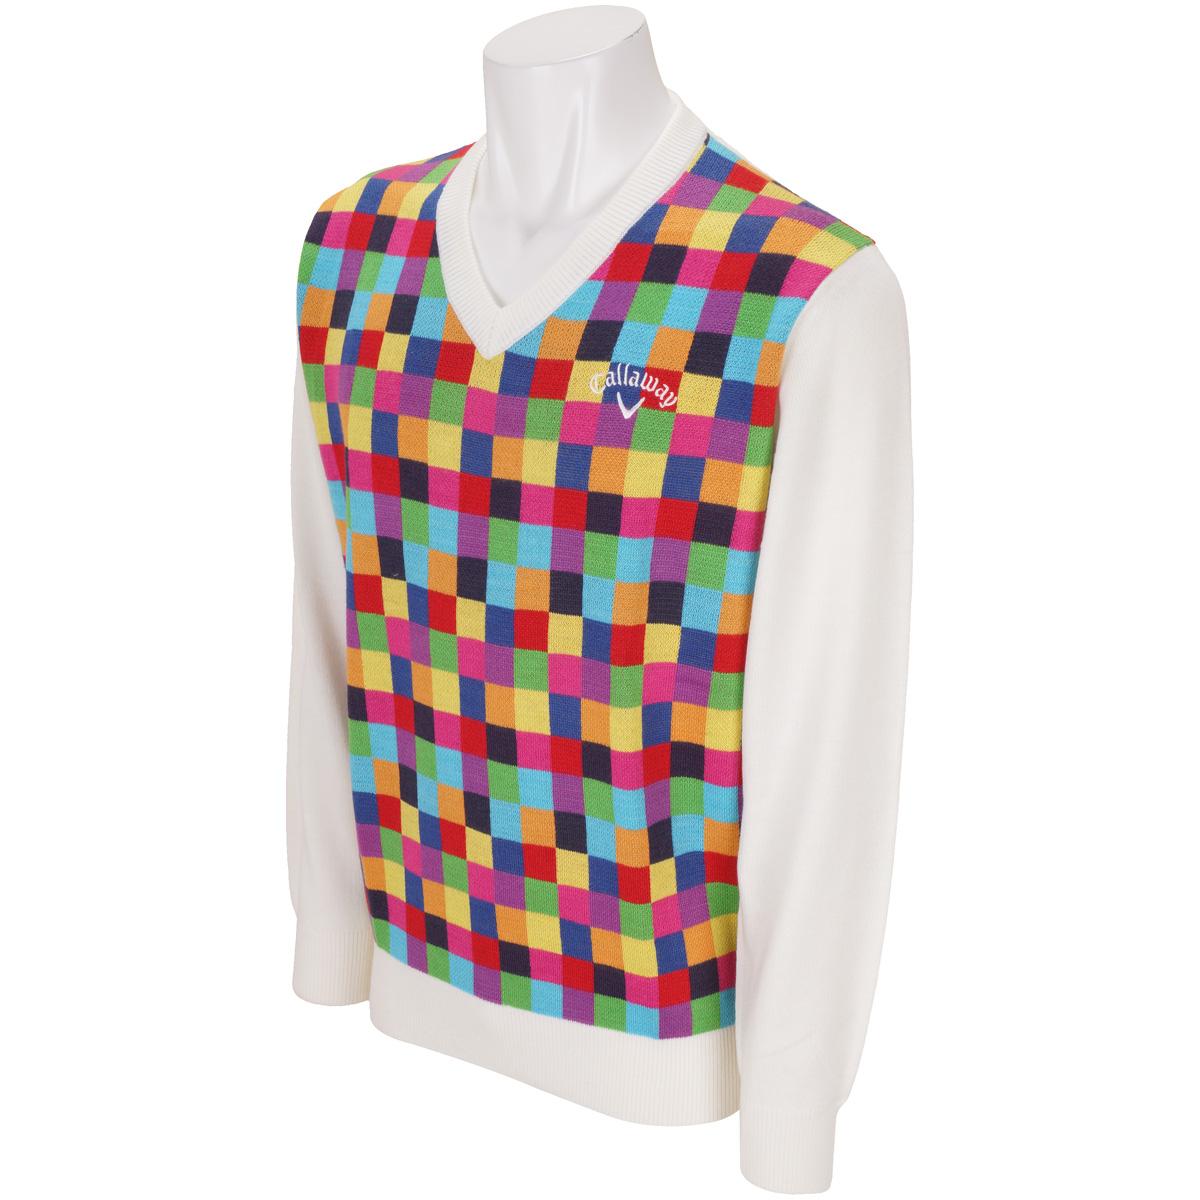 モザイクVネックセーター